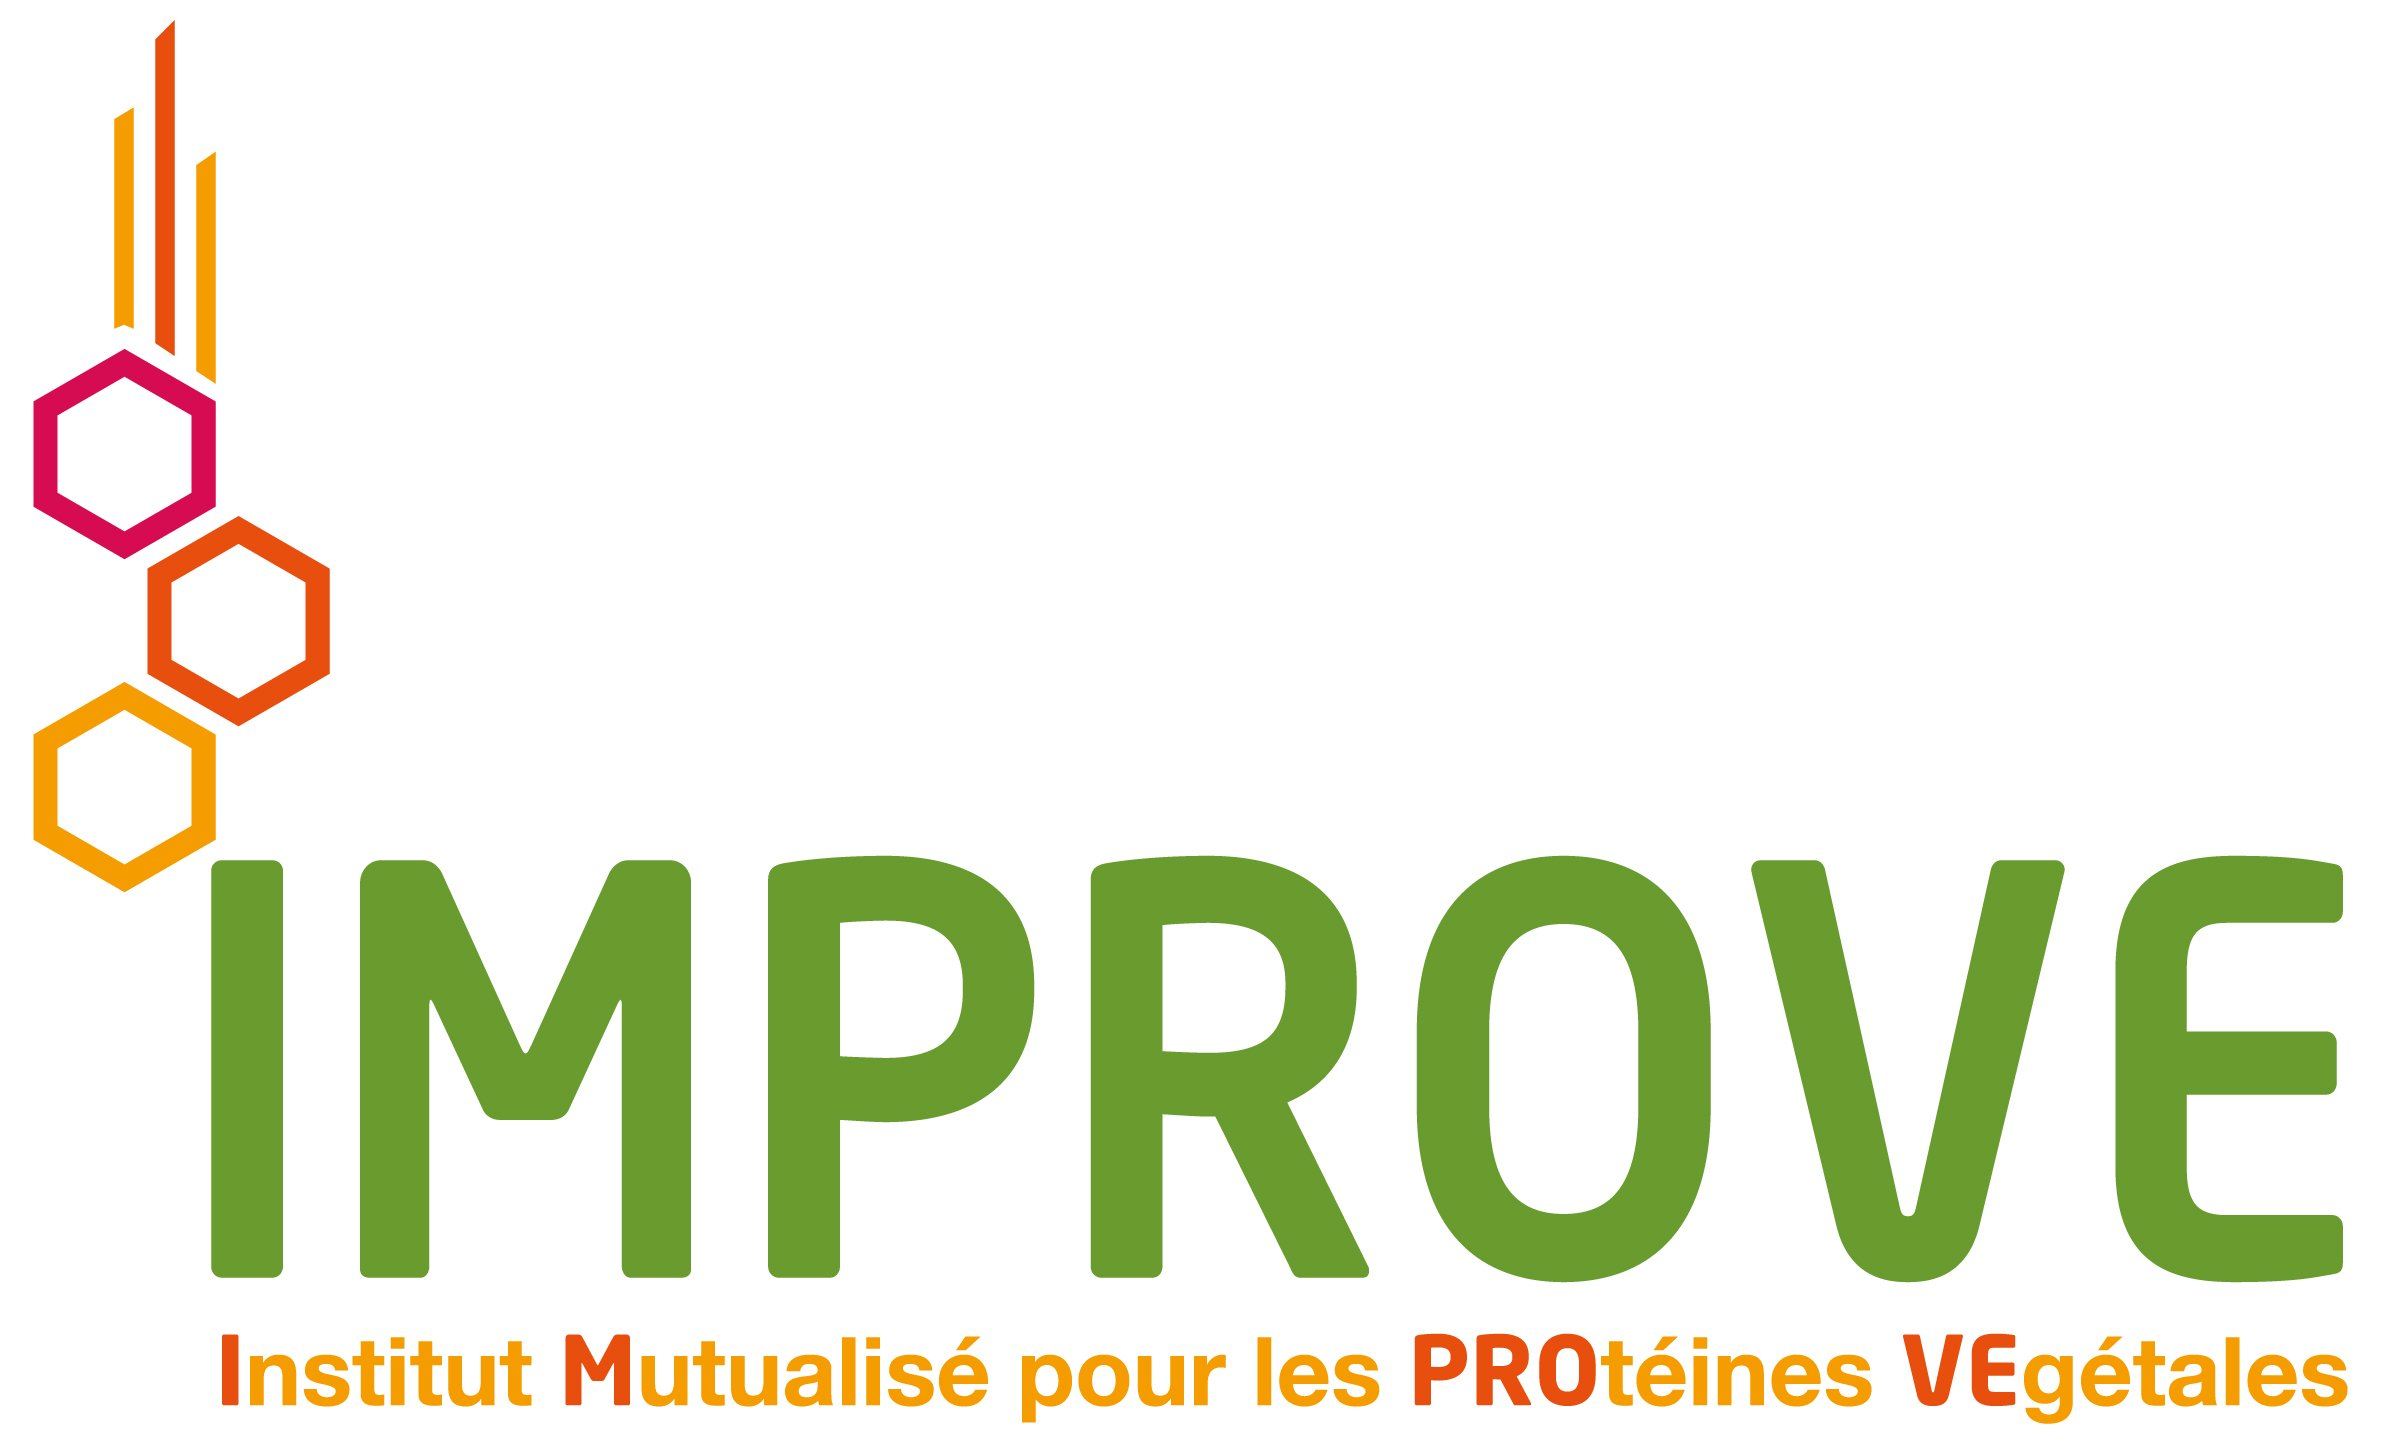 Institut Mutualisé pour les PROtéines VEgétales